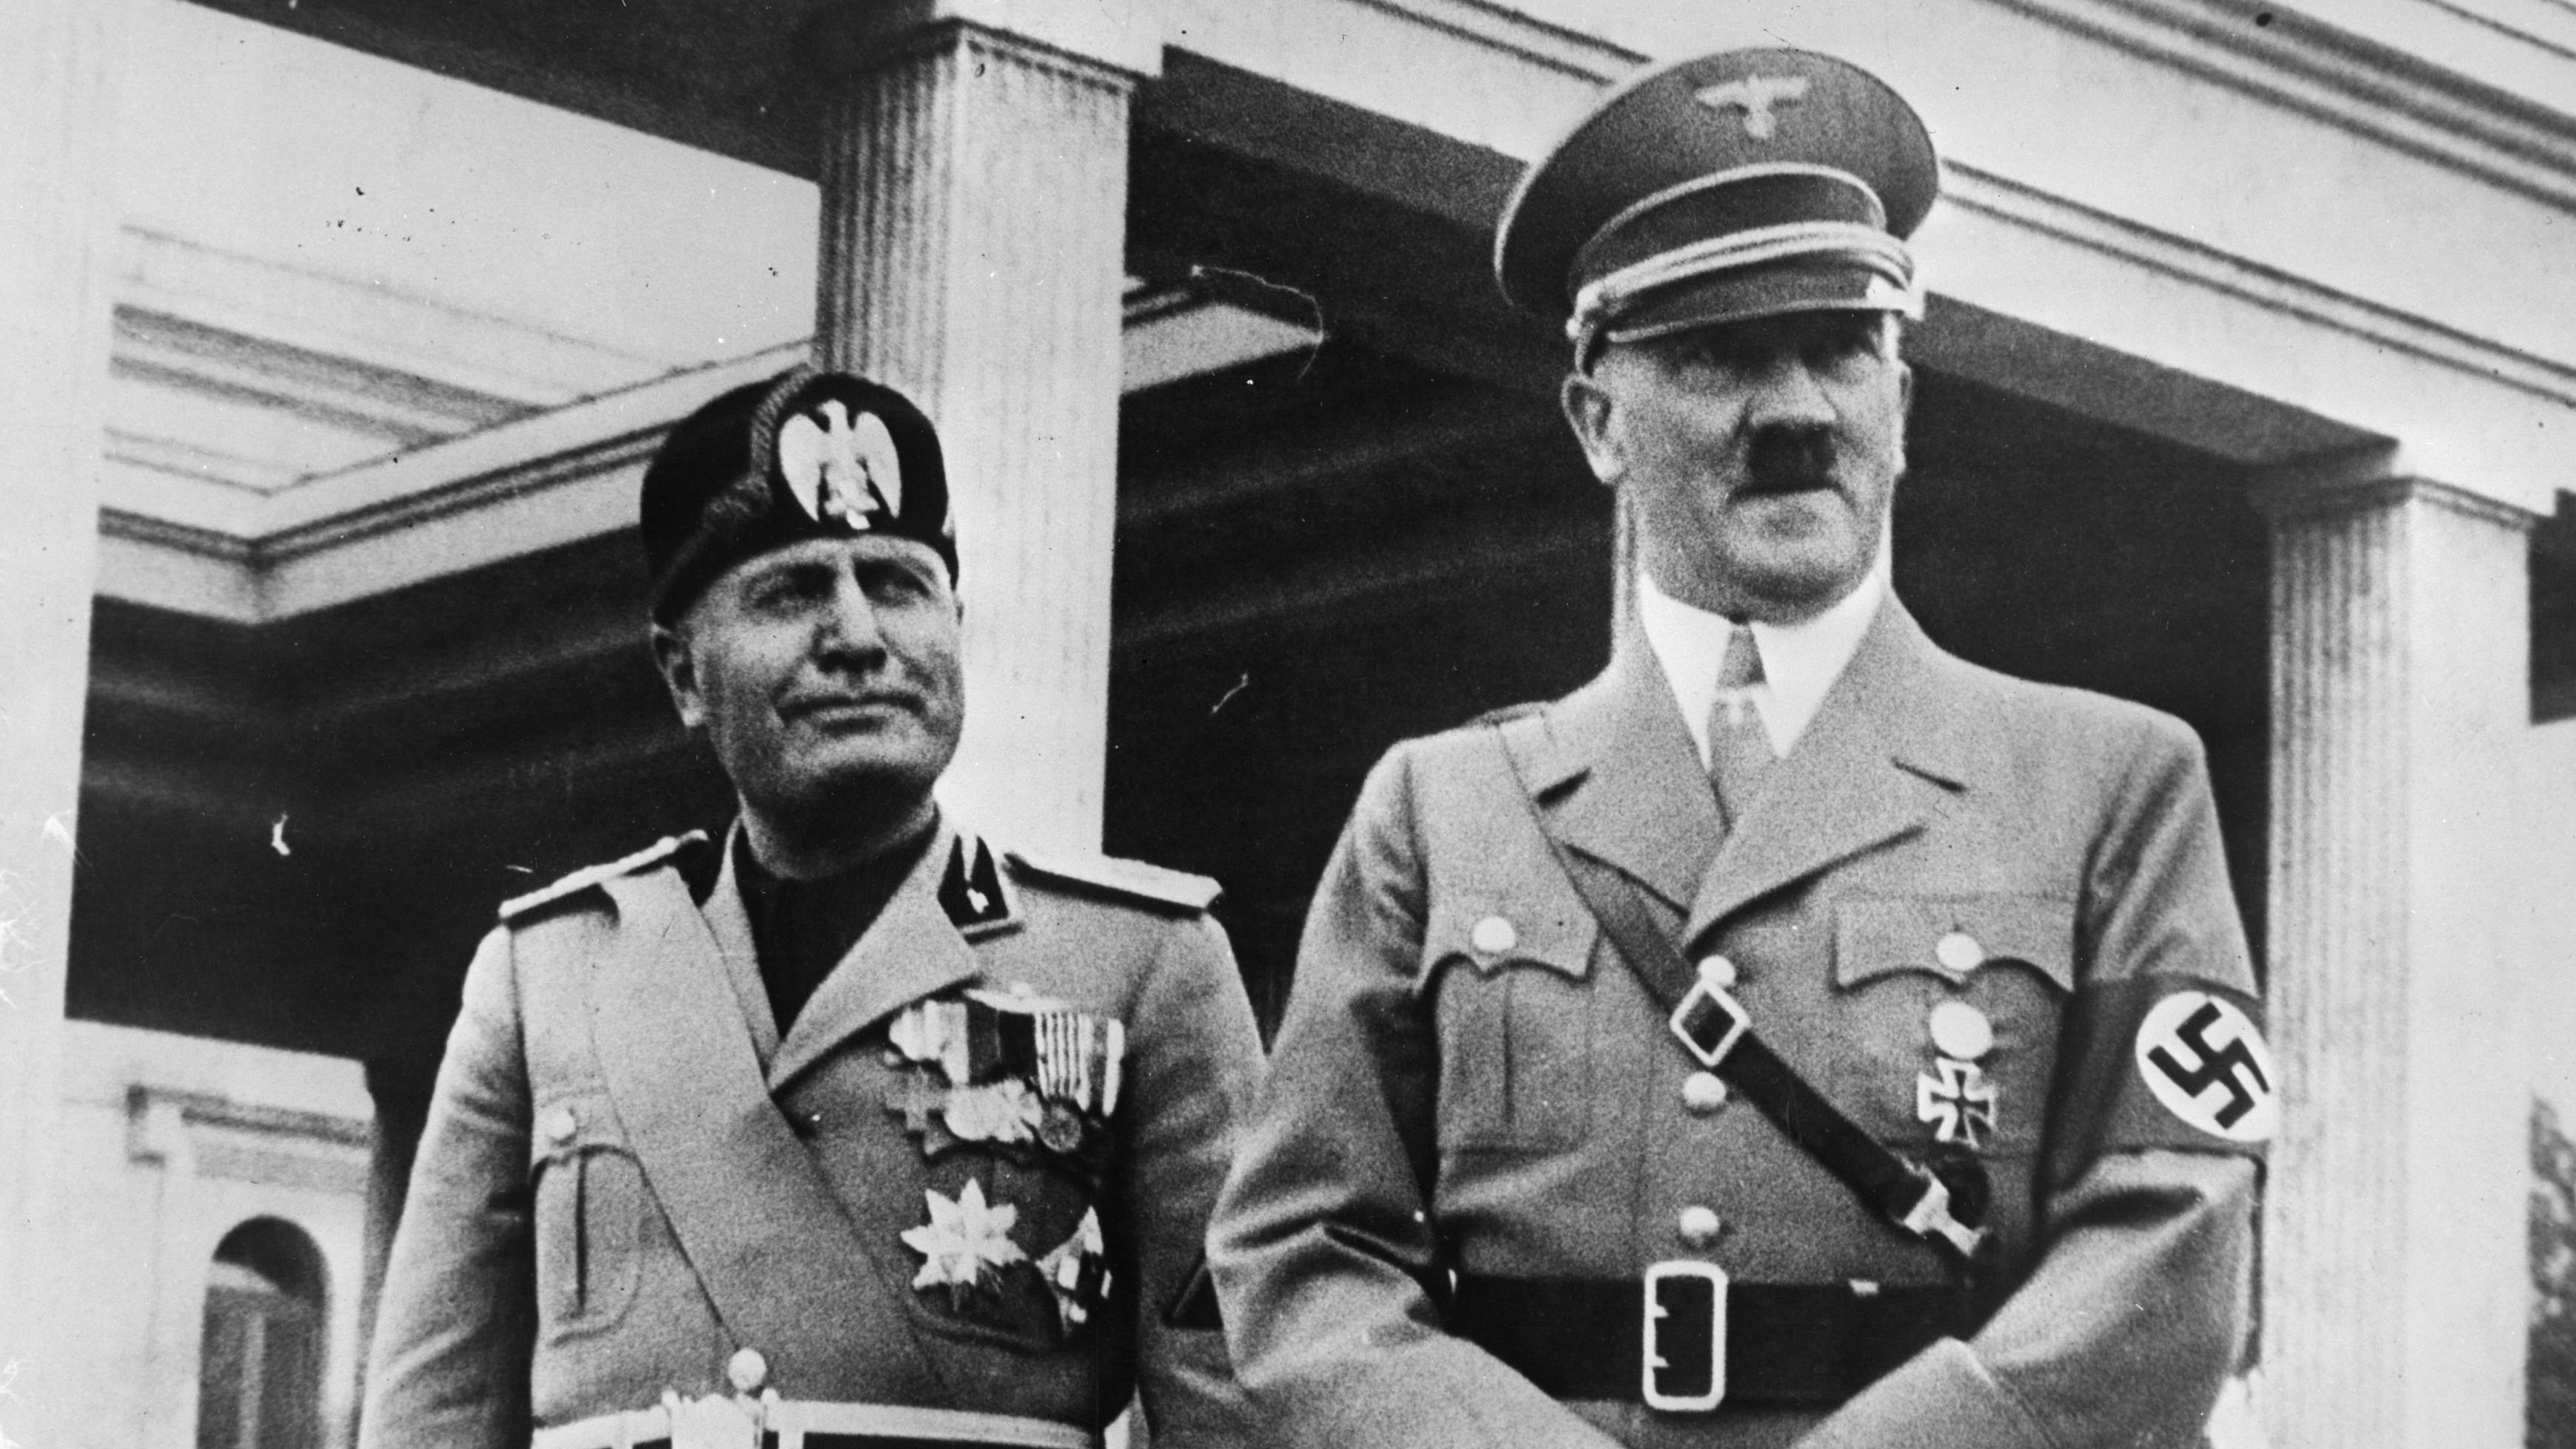 Hitler-Mussolini : la relation complexe ayant mené au fatal pacte d'Acier